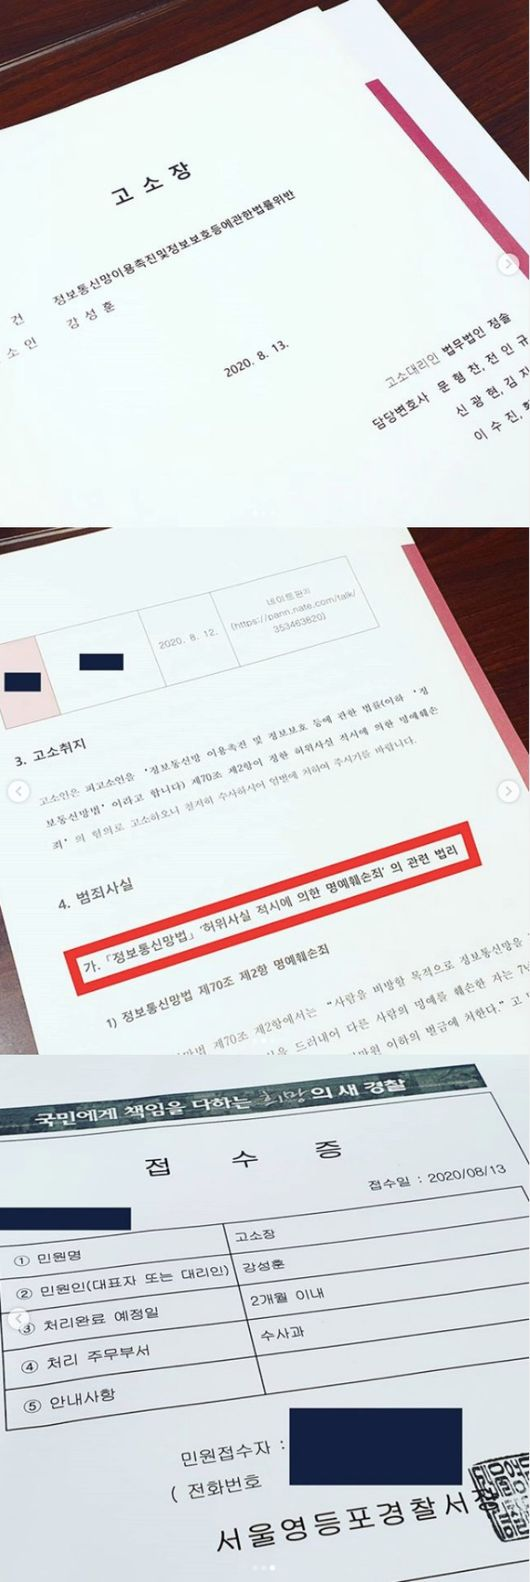 강성훈 SNS